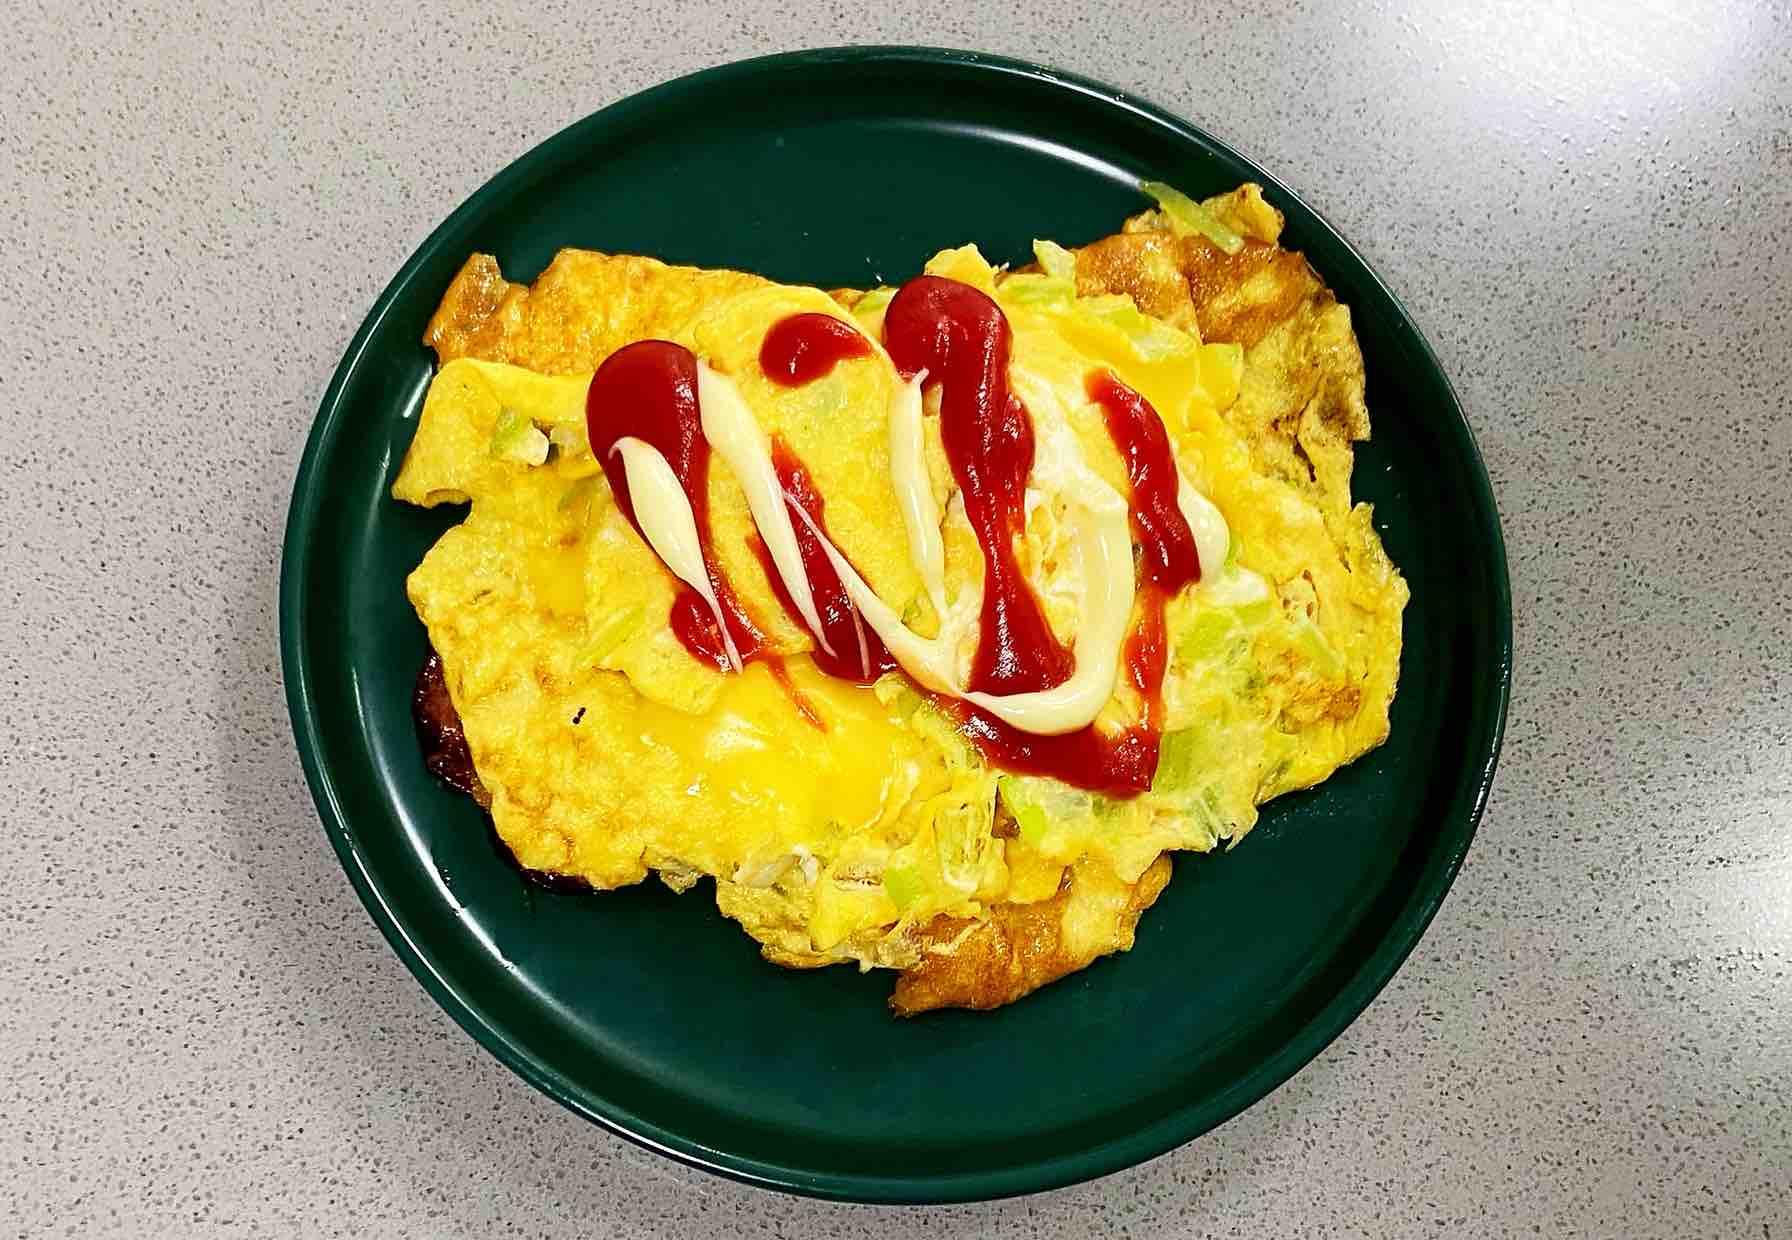 【孕妇食谱】火腿芝士蛋卷,色泽金黄,营养丰富~的步骤